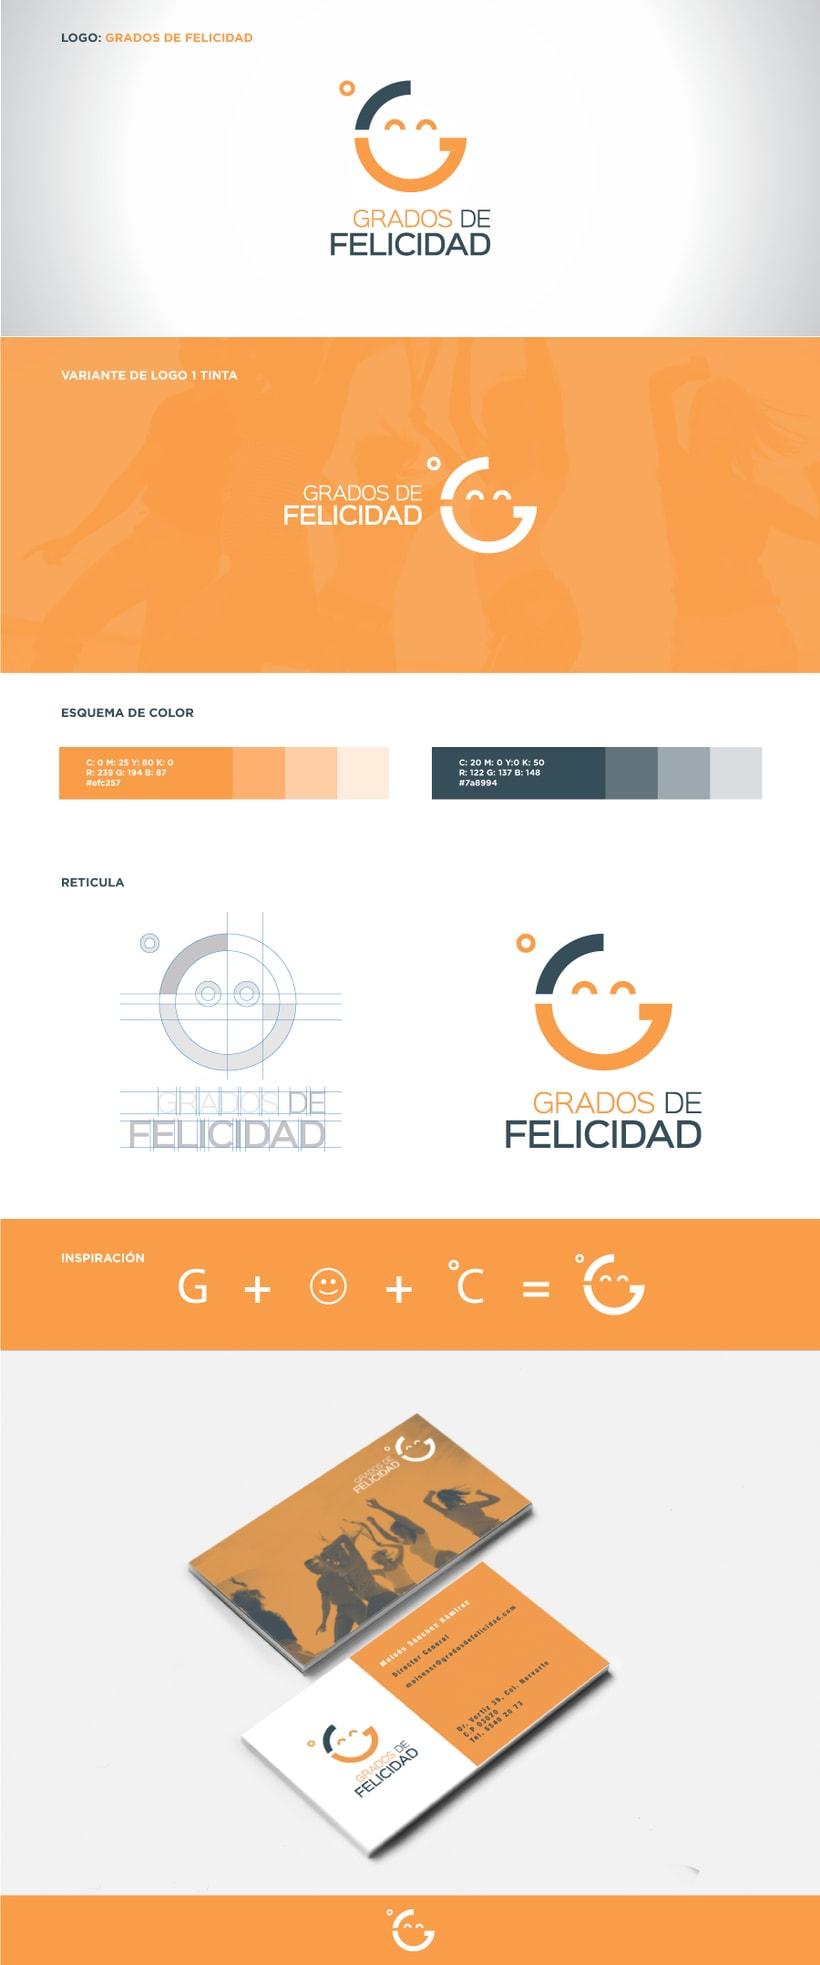 Logo Grados de Felicidad -1